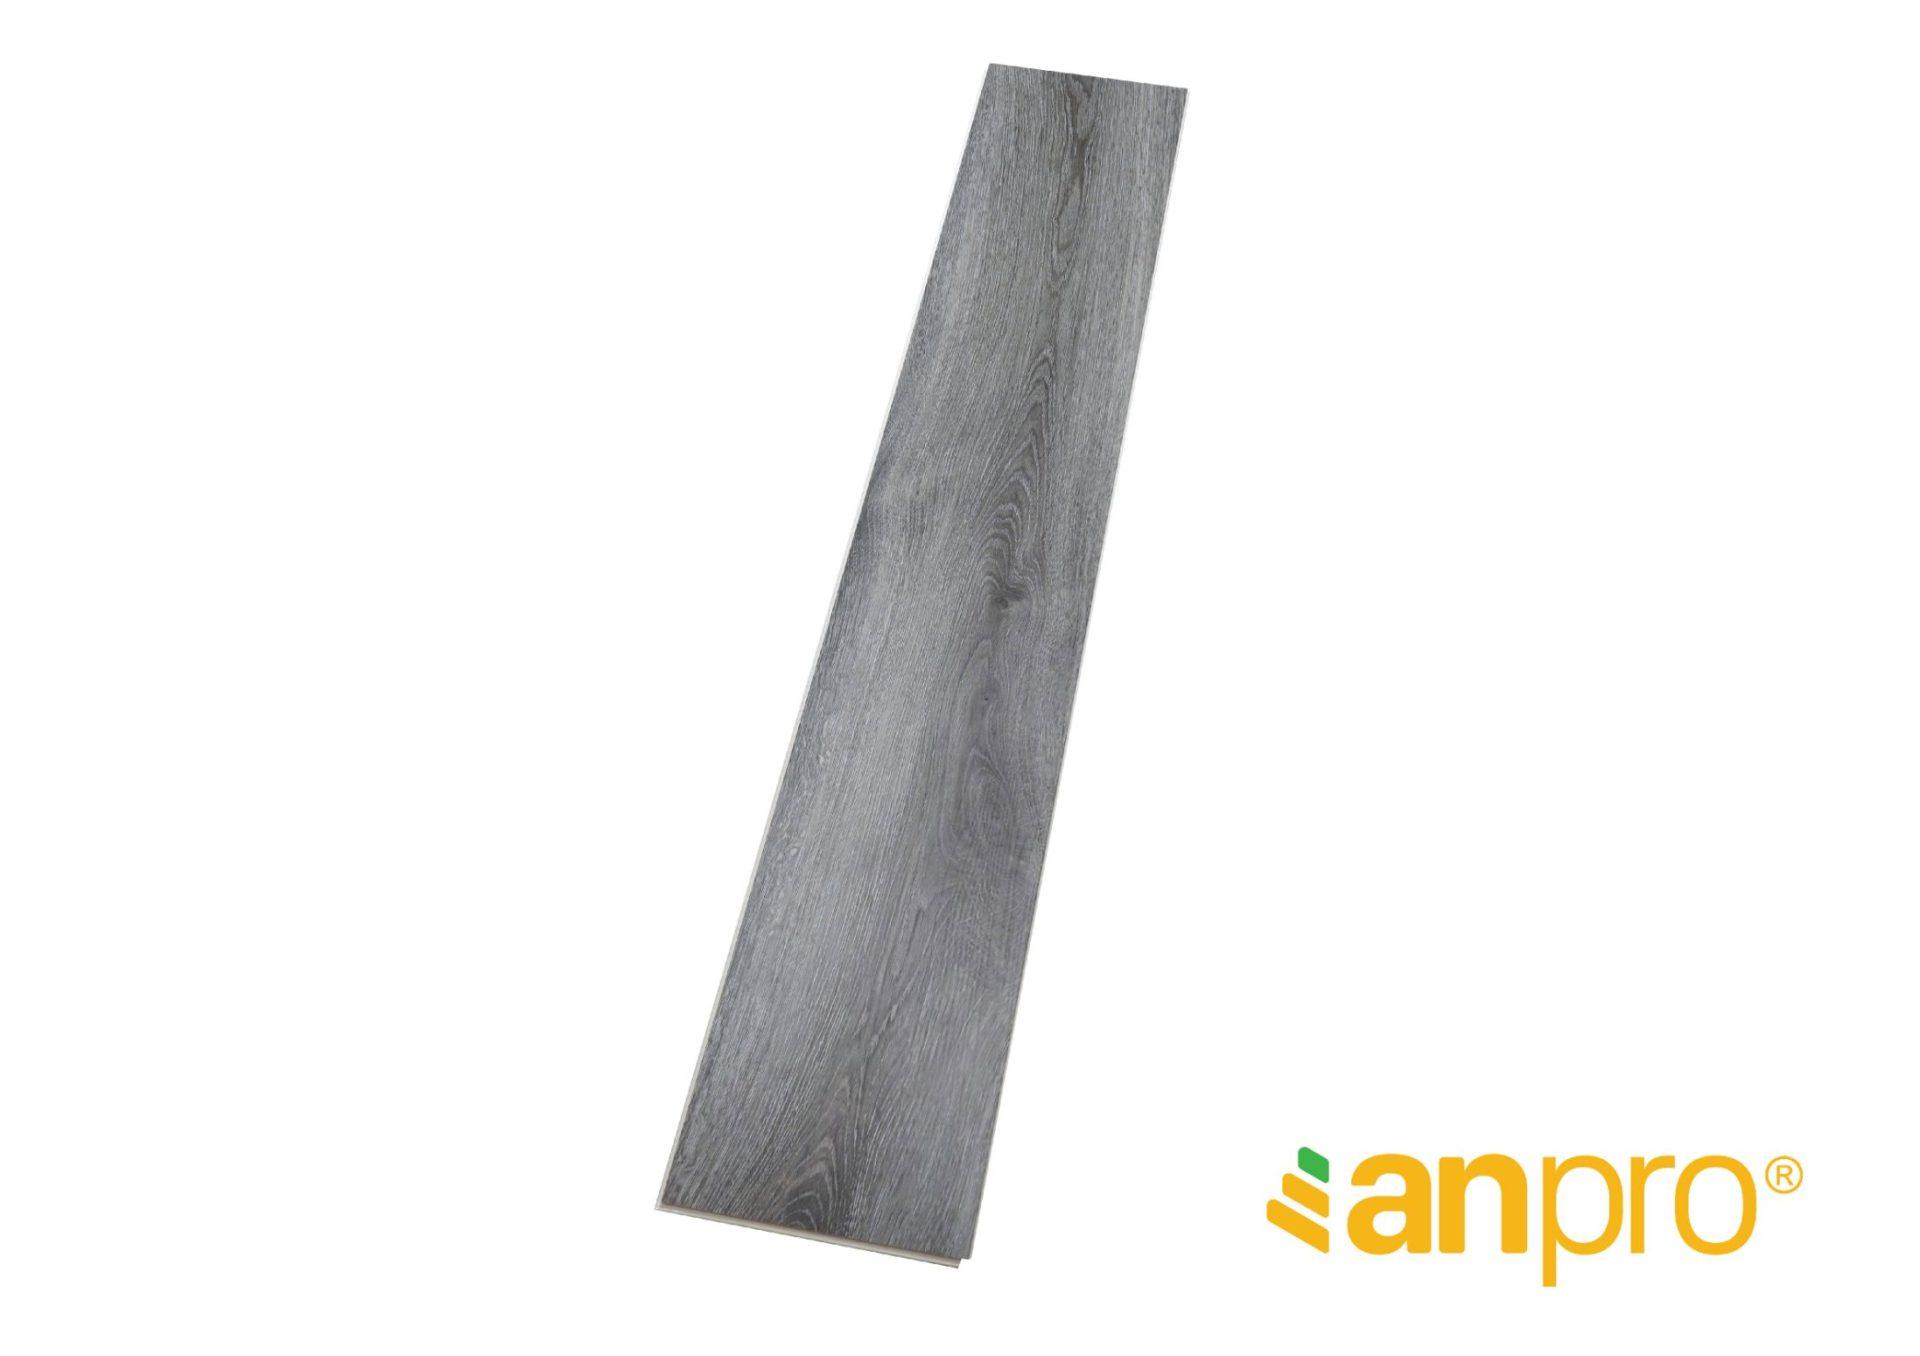 SA106 01 - Sàn AnPro vân gỗ SA106